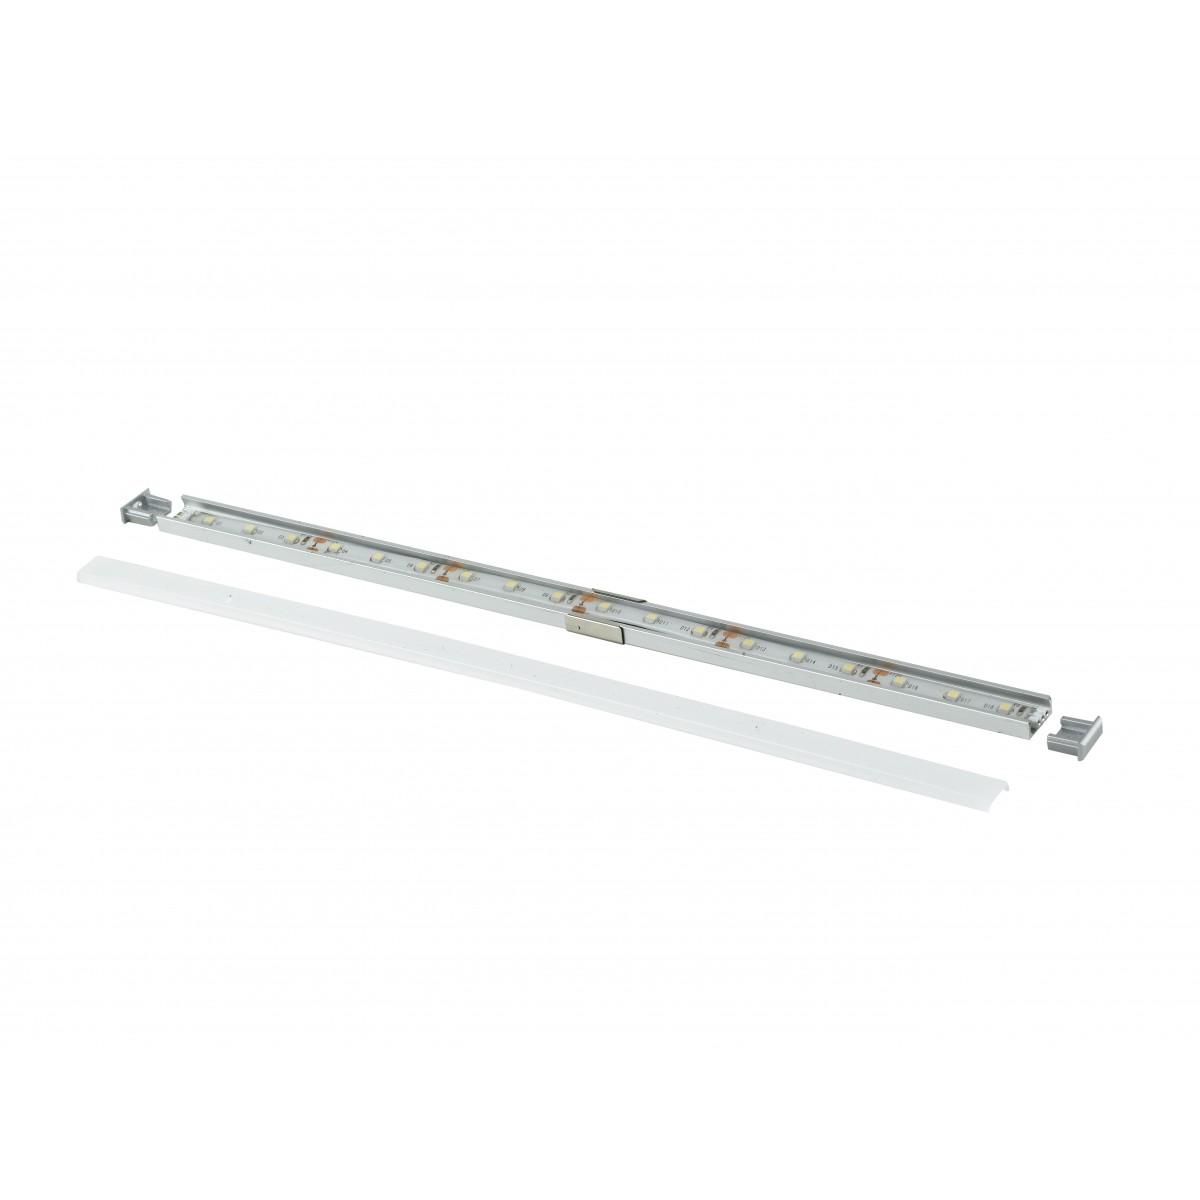 I-PROFILO-MILANO - Profilo 1 m per Strip Led con Tappi 1,52x0,6 cm